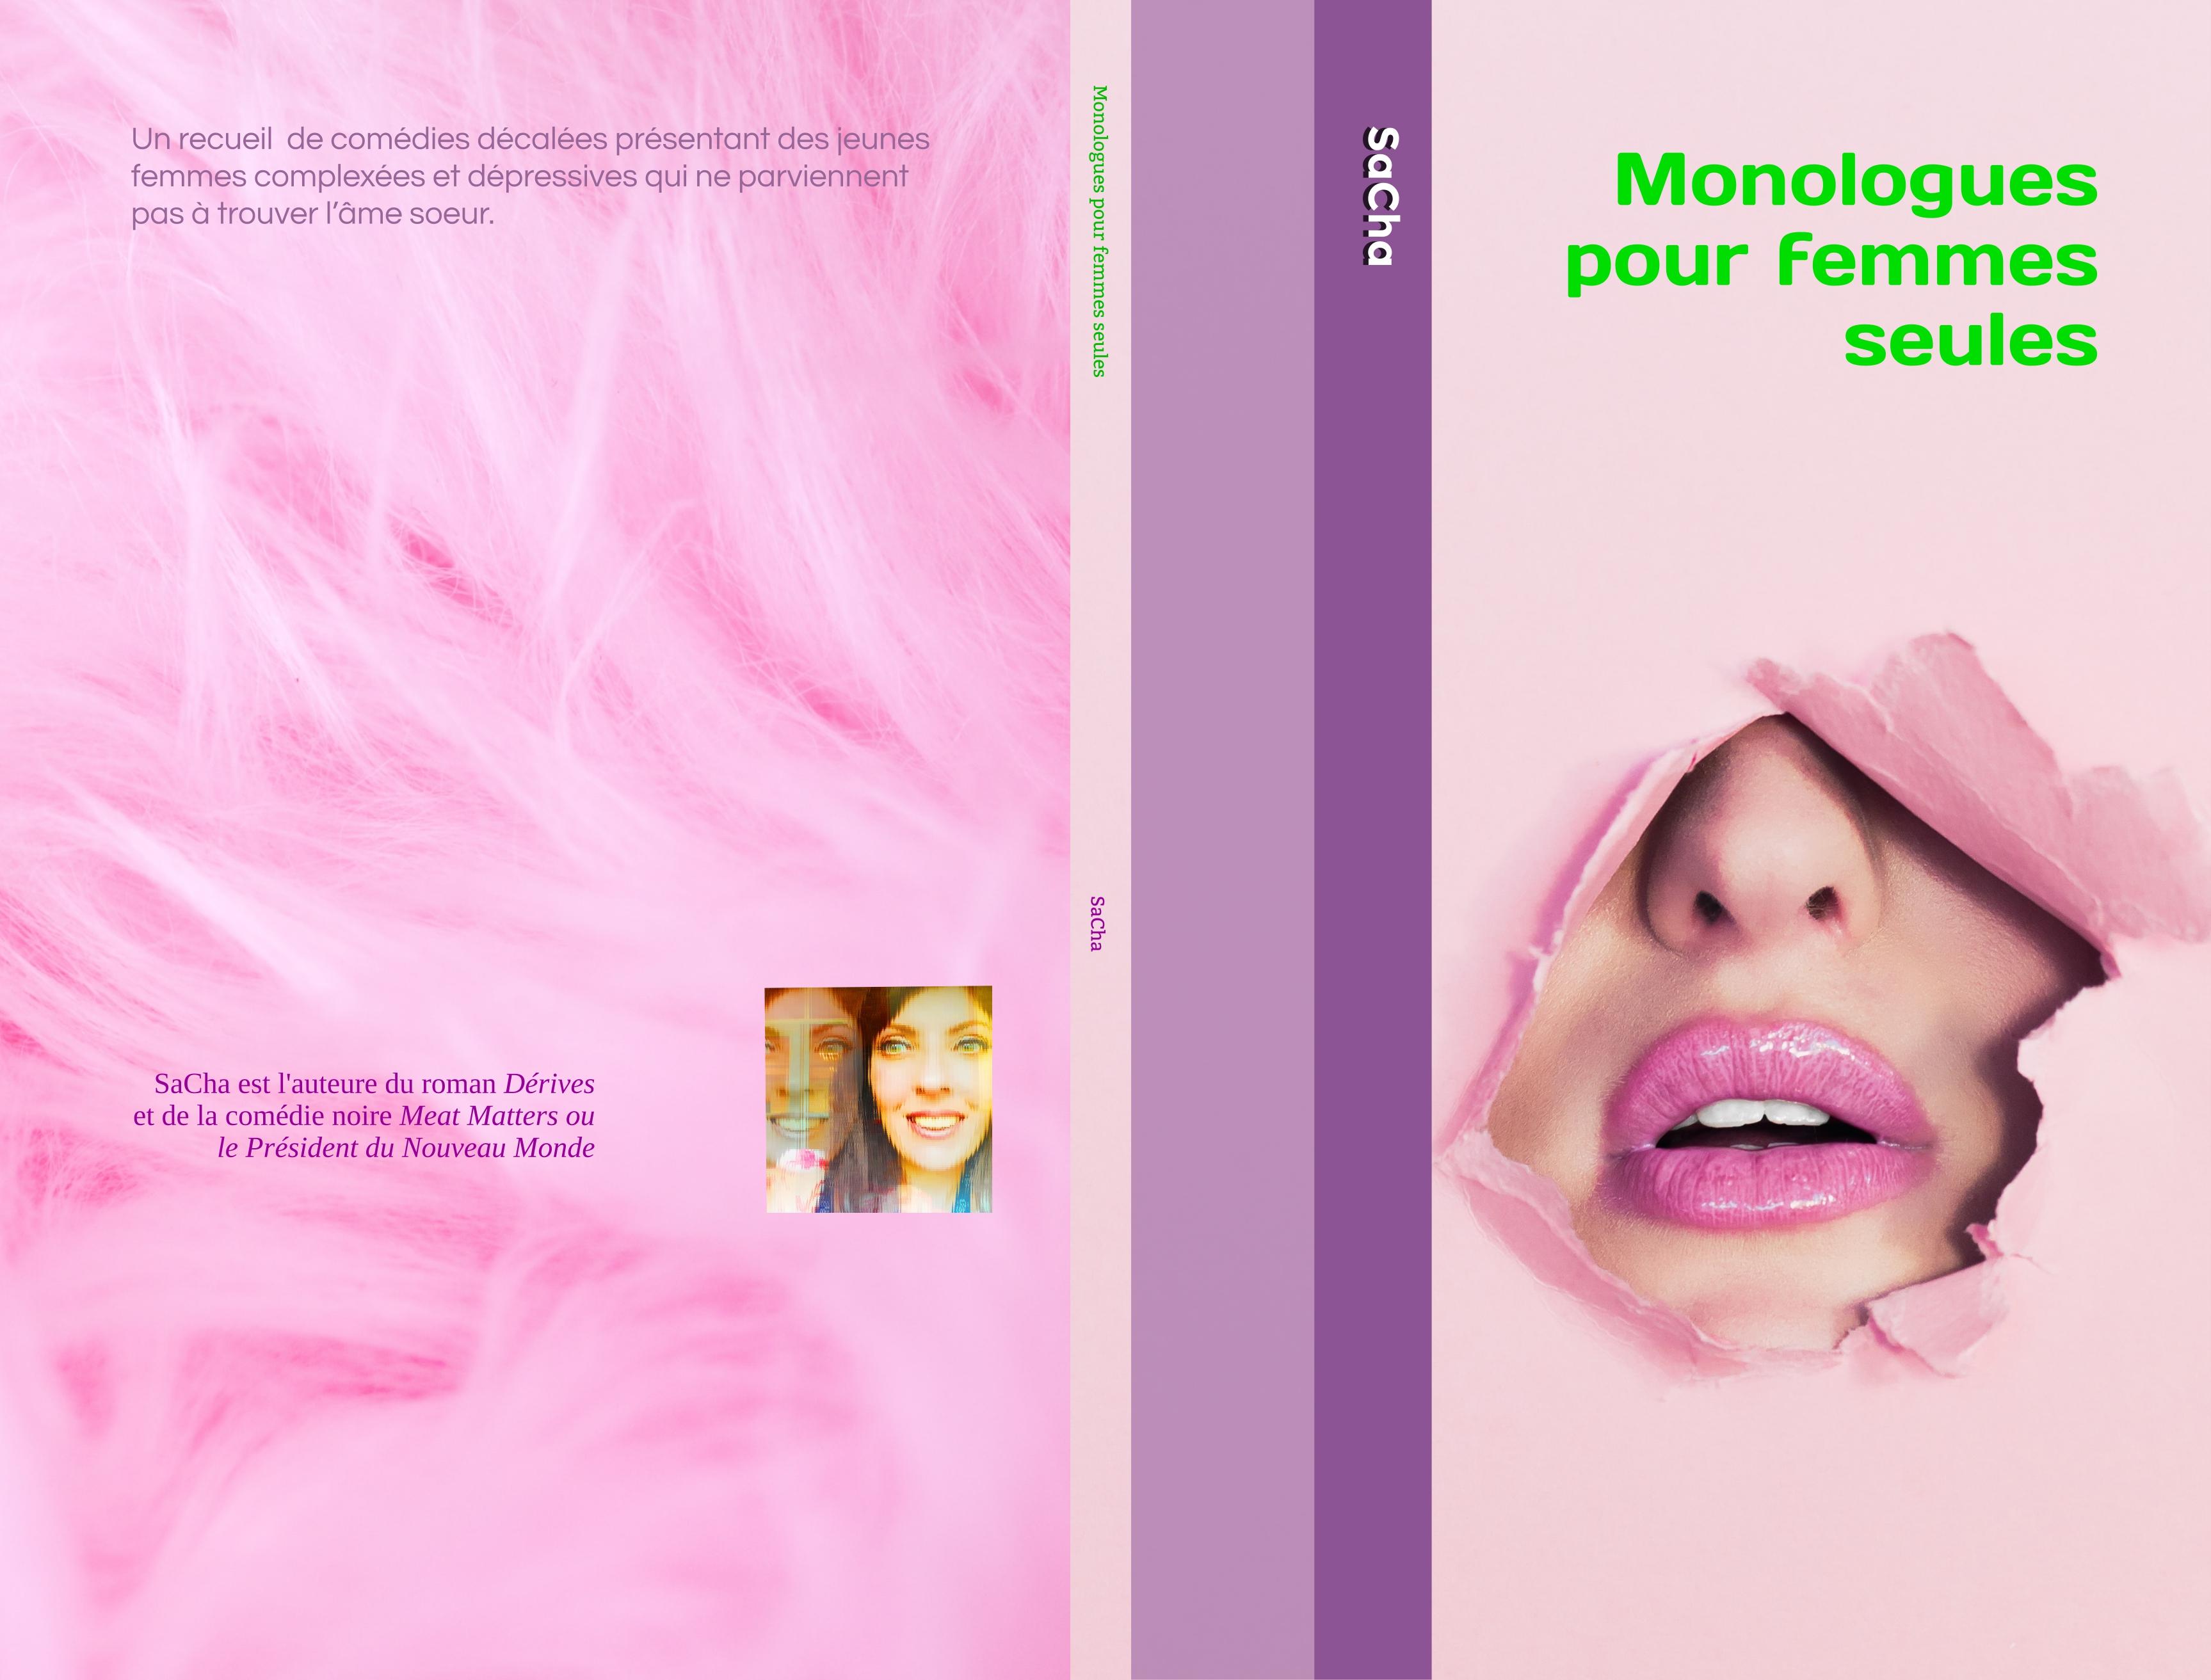 Publication: Monologues pour femmes seules - SaCha